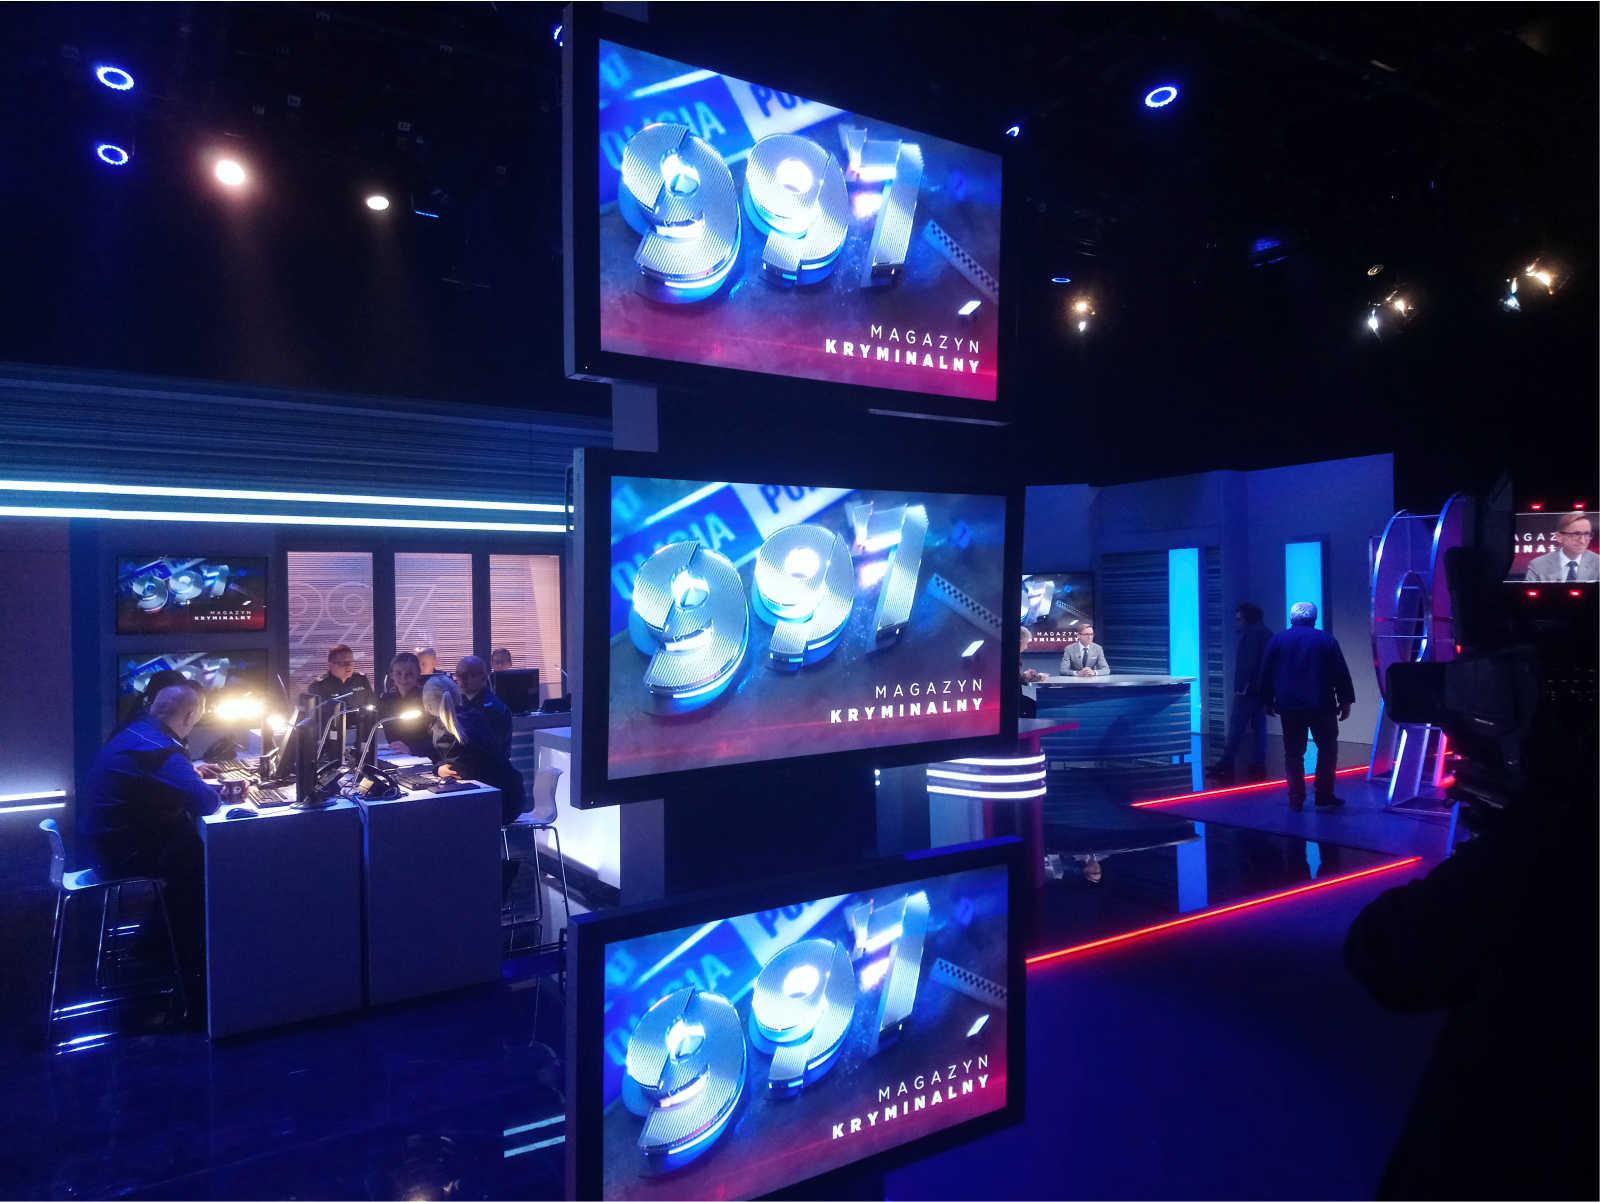 Magazyn Kryminalny 997 - studio